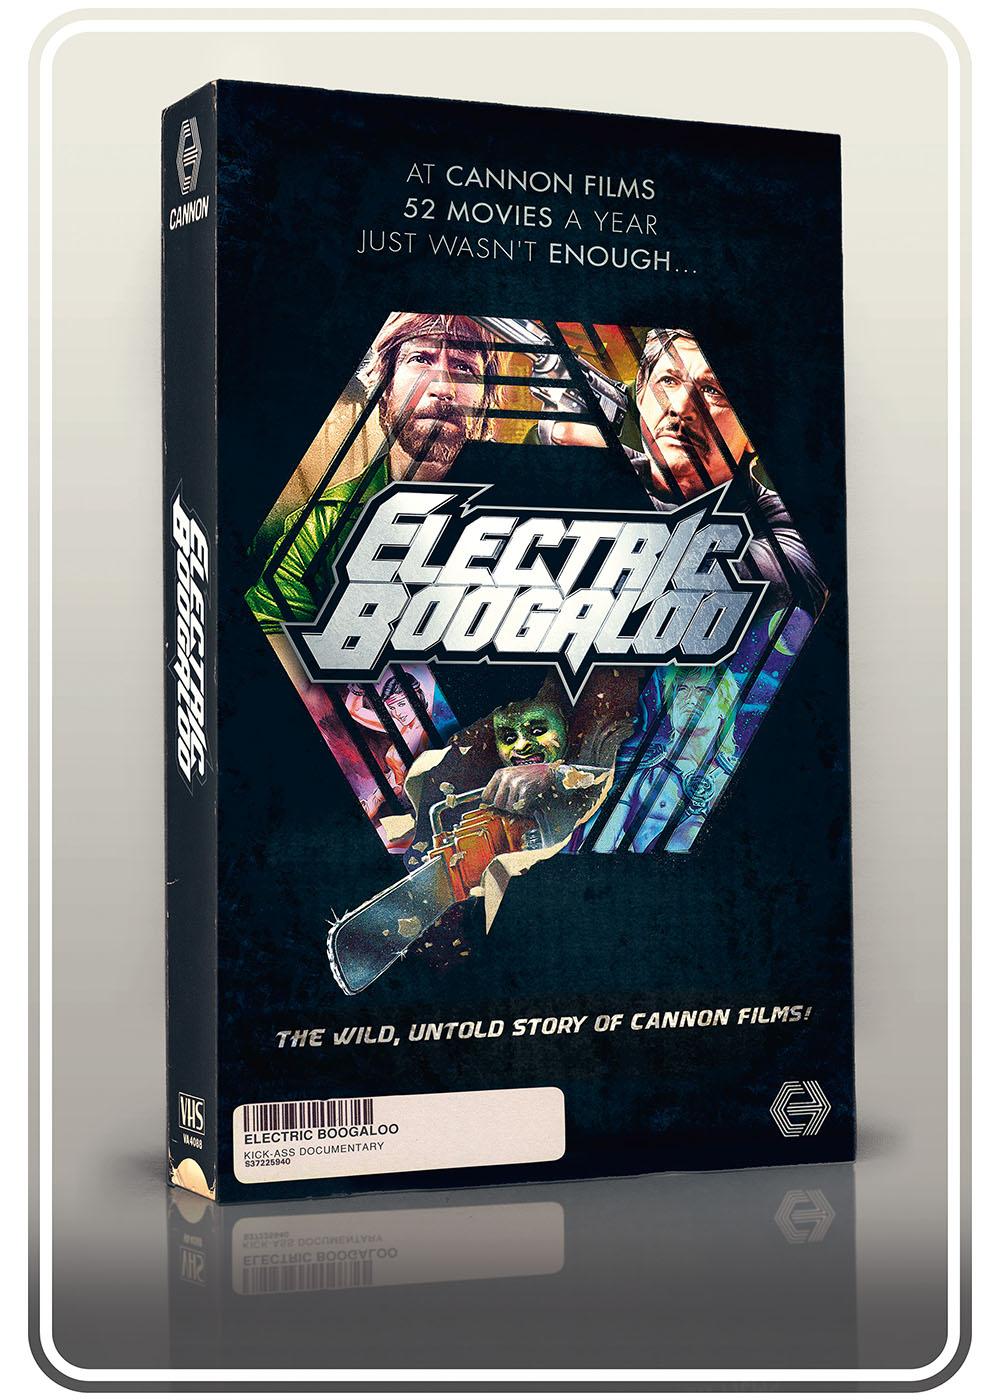 Electricboogaloo_poster.jpg